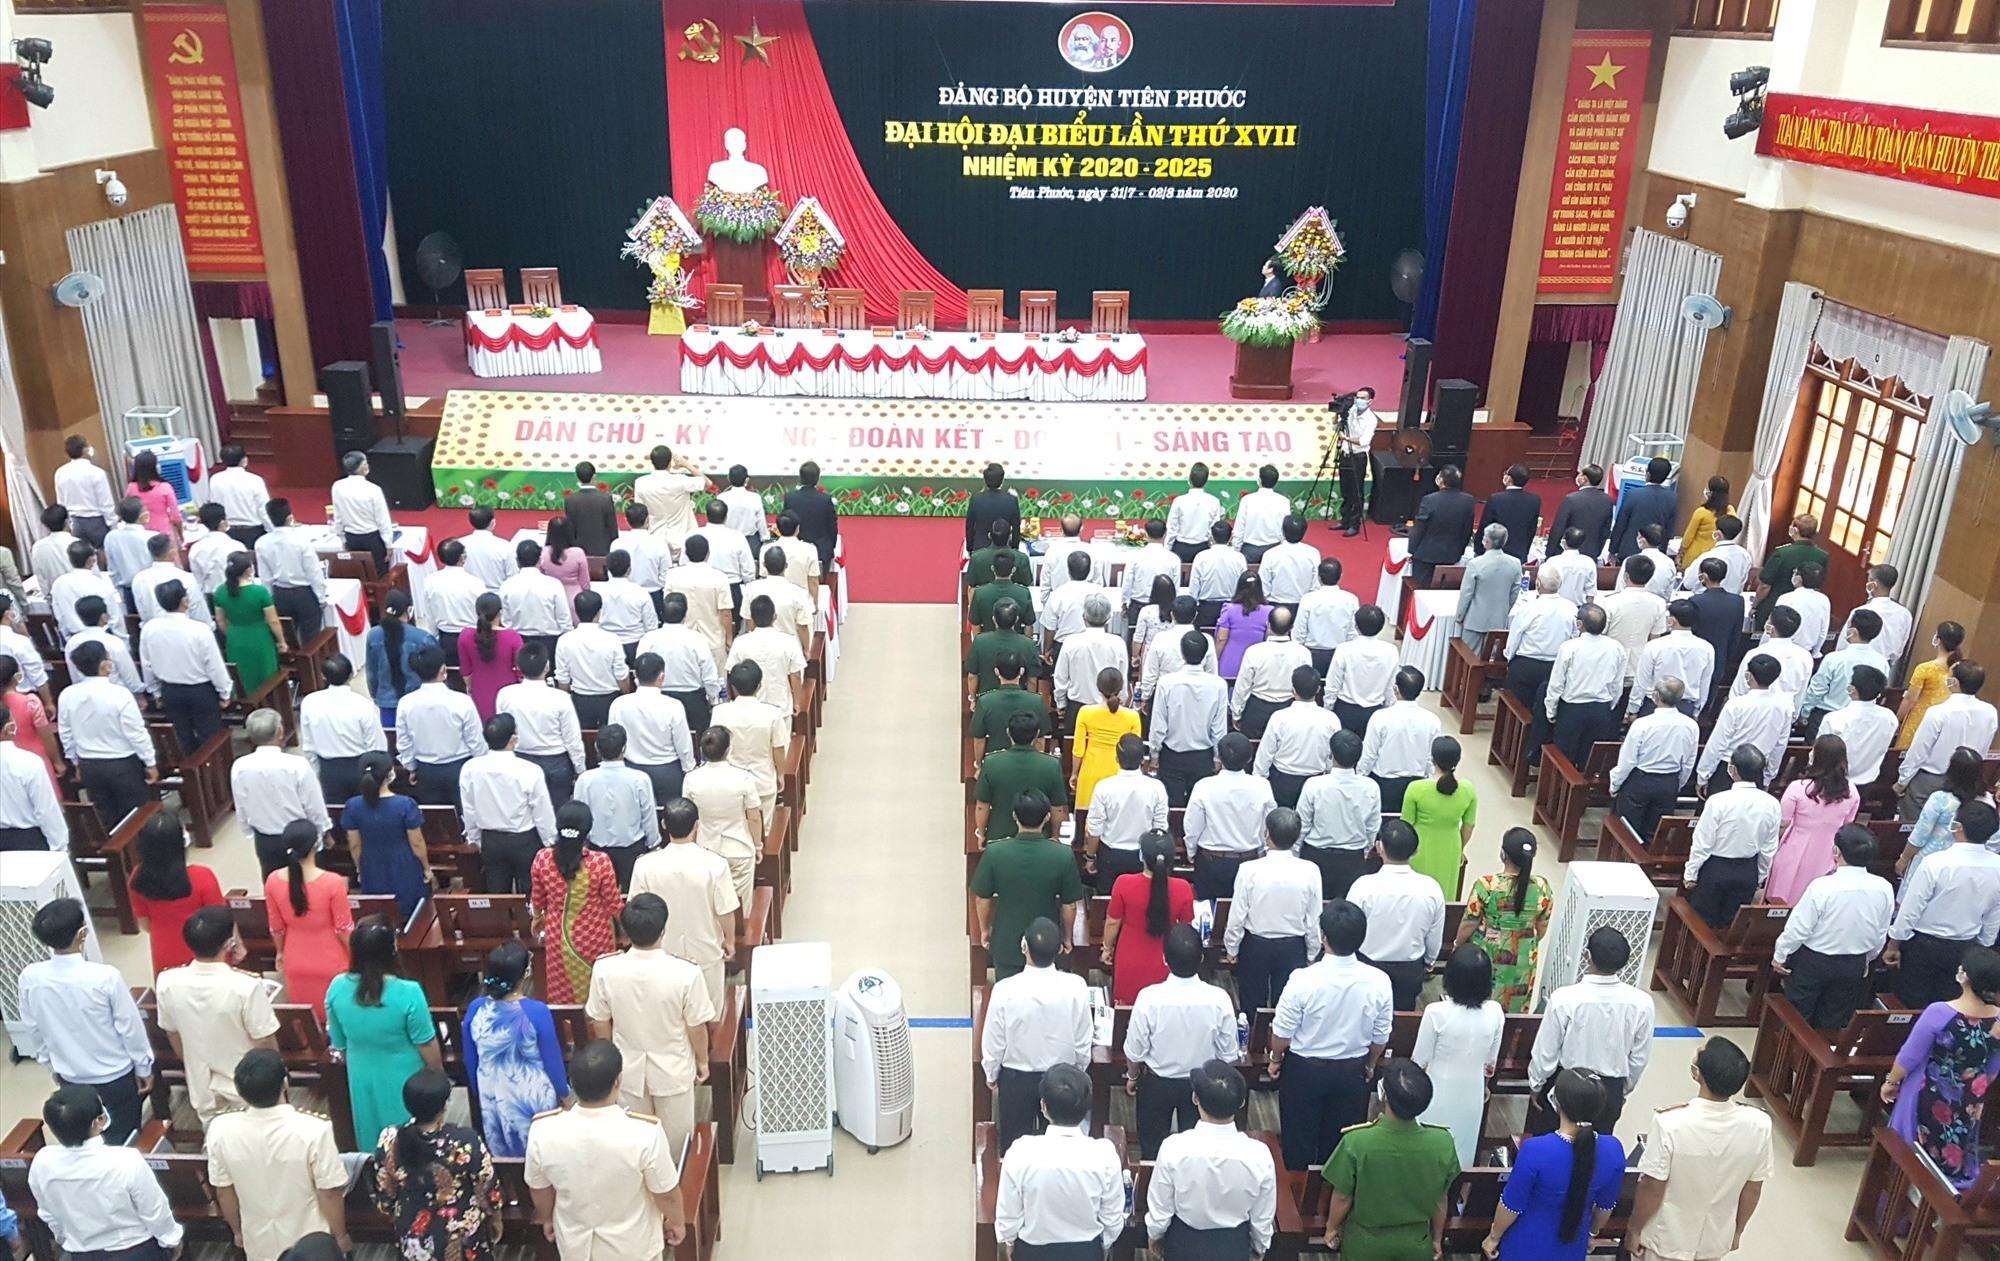 Khai mạc Đại hội đại biểu Đảng bộ huyện Tiên Phước vào sáng nay 1.8. Ảnh: D.L